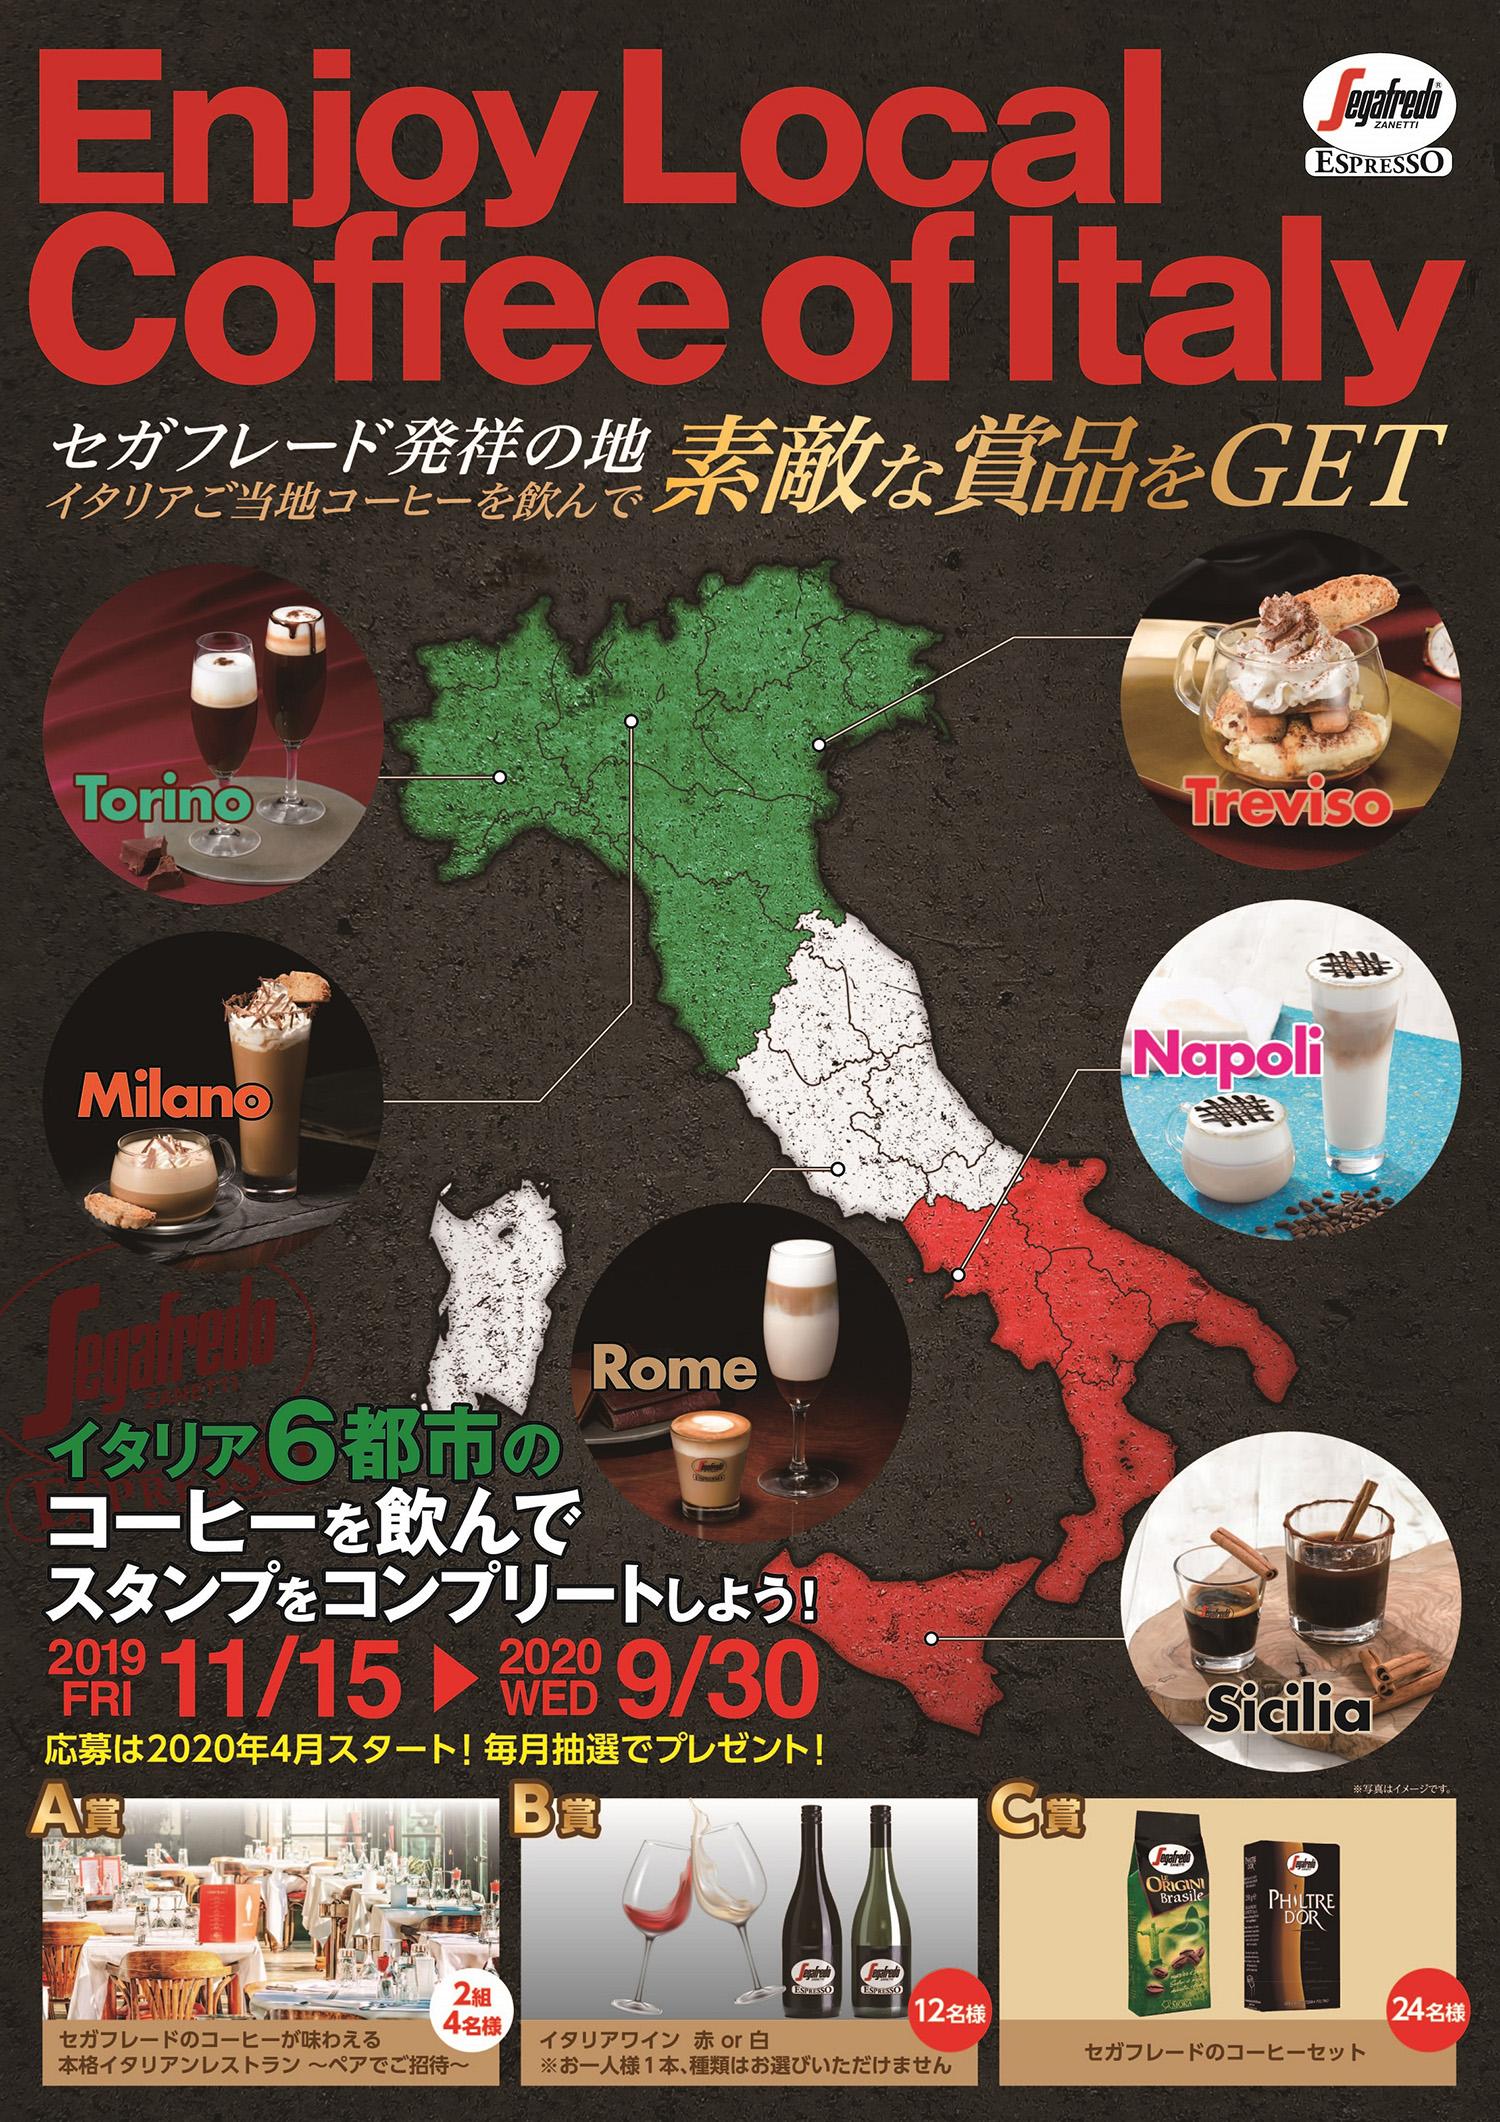 """セガフレード発祥の地・イタリアの6都市をコーヒーで巡る『Tour of Italy Coffeesキャンペーン』を開催 第一弾となる""""ローマ""""を新宿エリアの3店舗で11月15日(金)にスタート 6都市のコーヒーをコンプリートされた方には抽選で素敵な賞品のプレゼントも"""